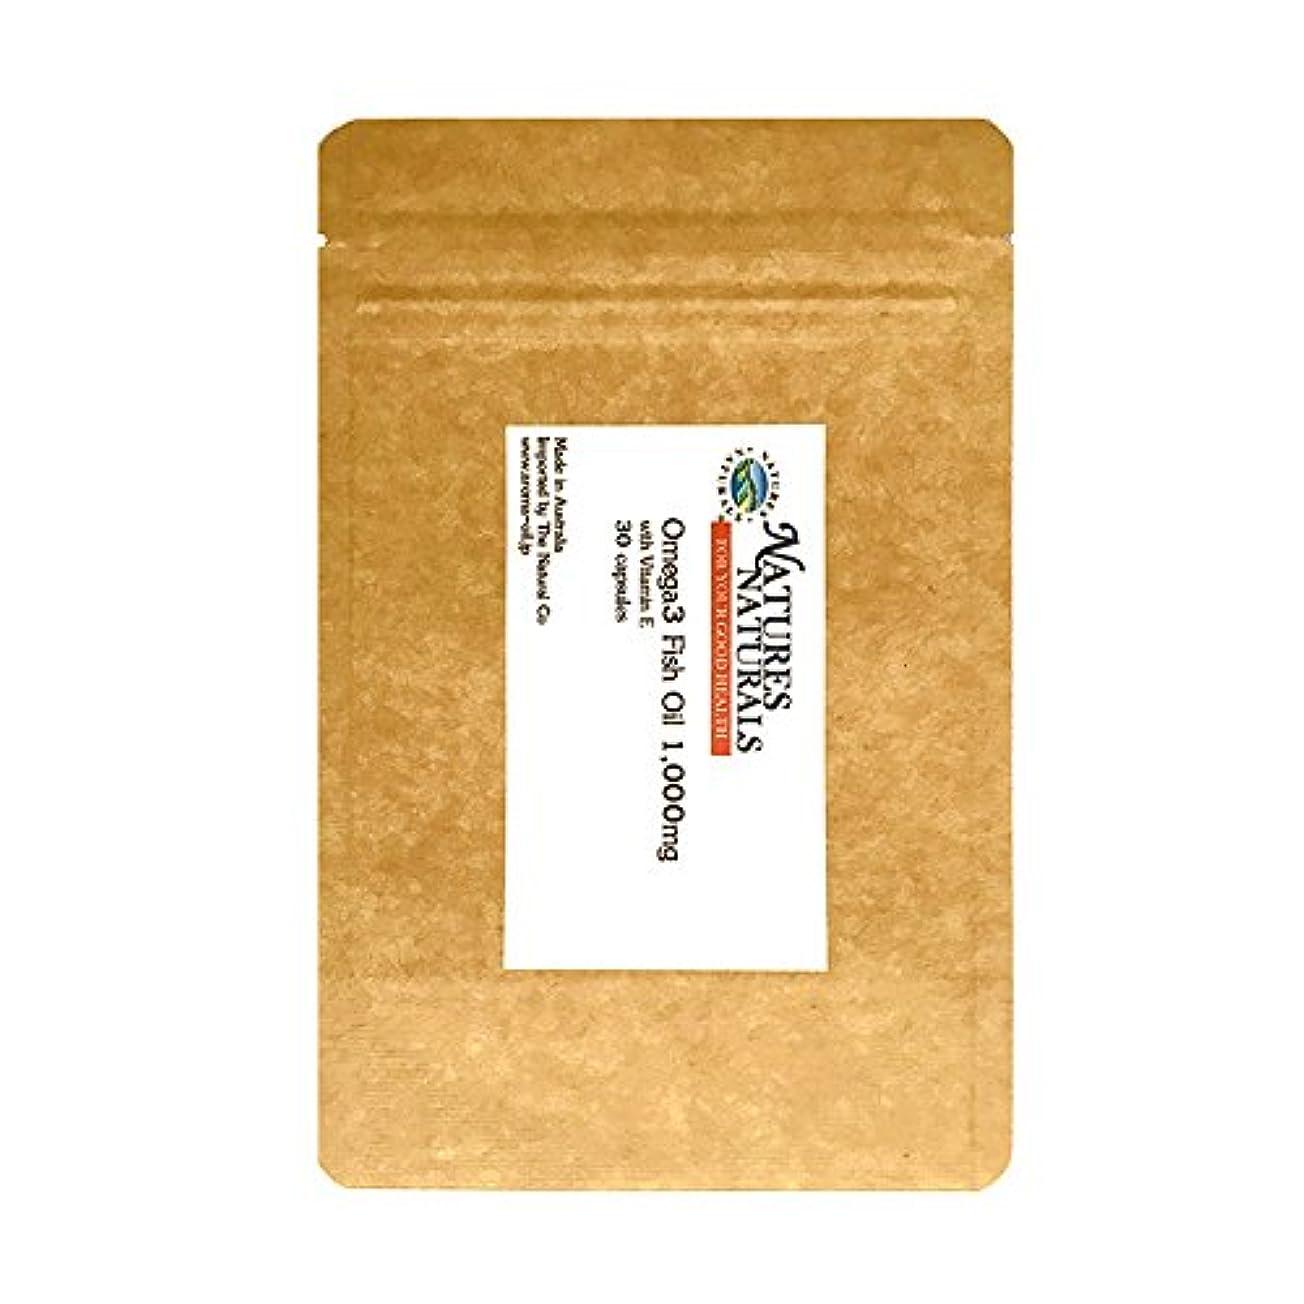 ポーンコールドモザイクオメガ3 ビタミンE配合/DHA EPA 1,000mg オーストラリア産サプリメント/30錠 約1ヶ月分